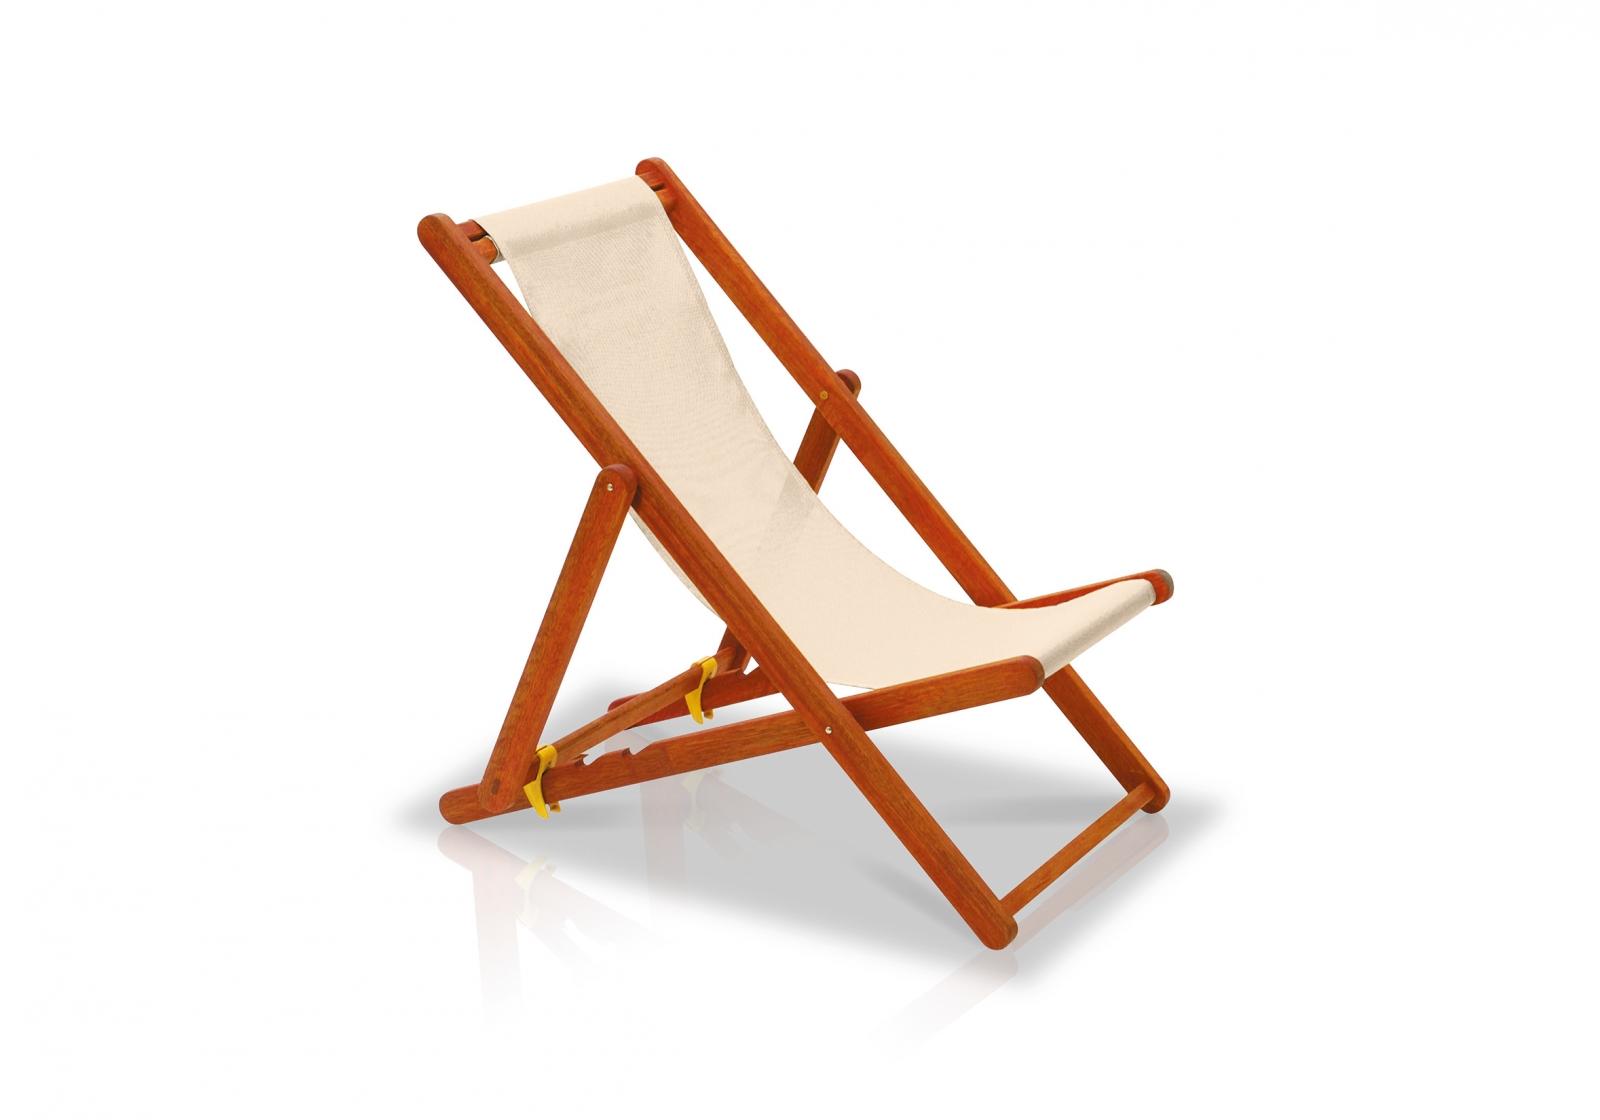 transat pliable top chaise longue de jardin transat beige pliable paresoleil bain de soleil. Black Bedroom Furniture Sets. Home Design Ideas